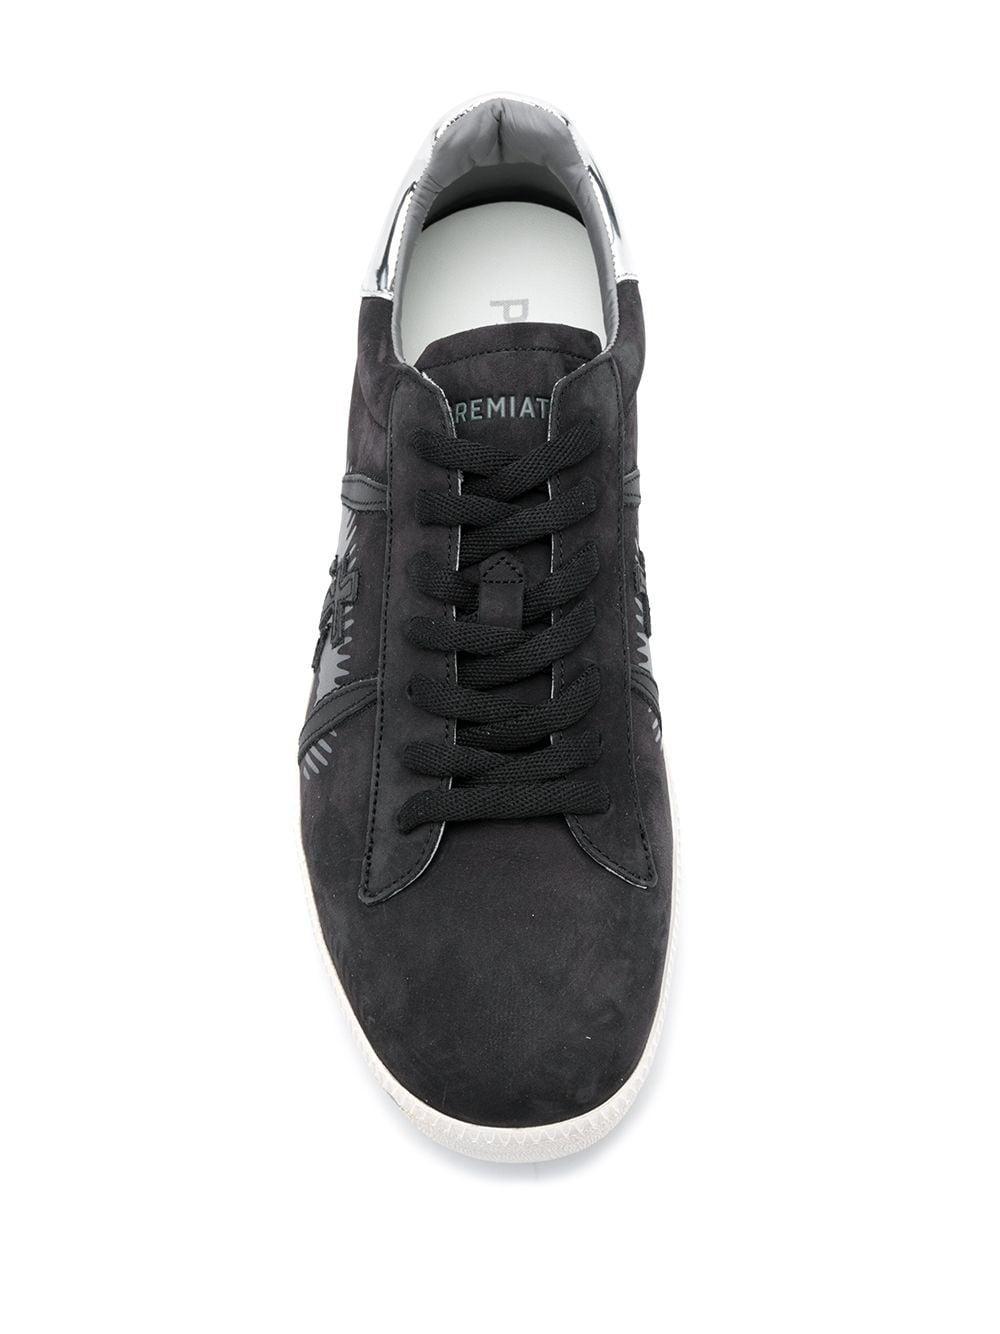 Premiata Leer Andy Sneakers in het Zwart voor heren